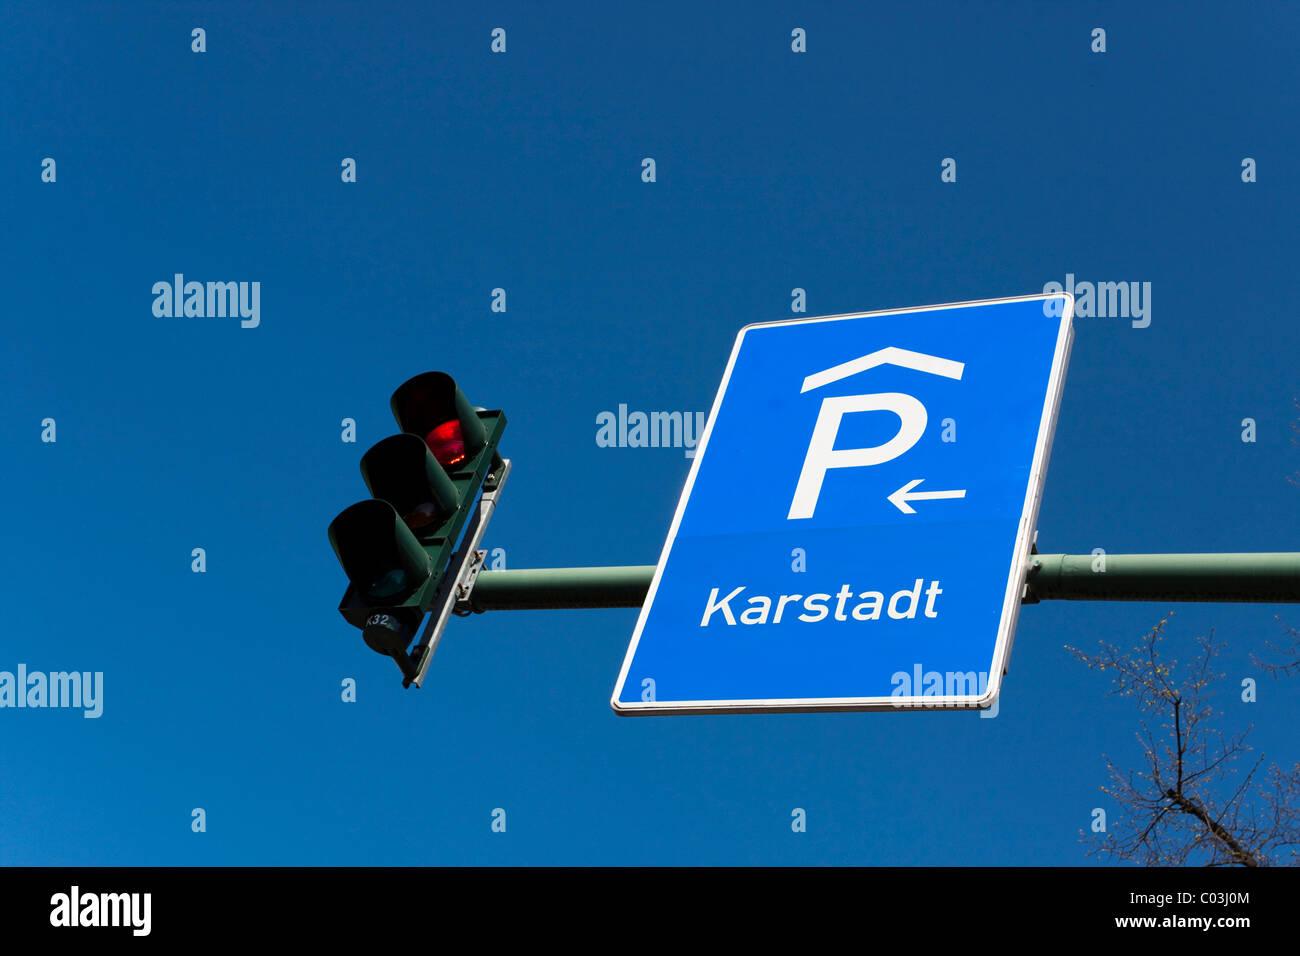 Panneau de circulation attaché à un poteau de feux de circulation Photo Stock